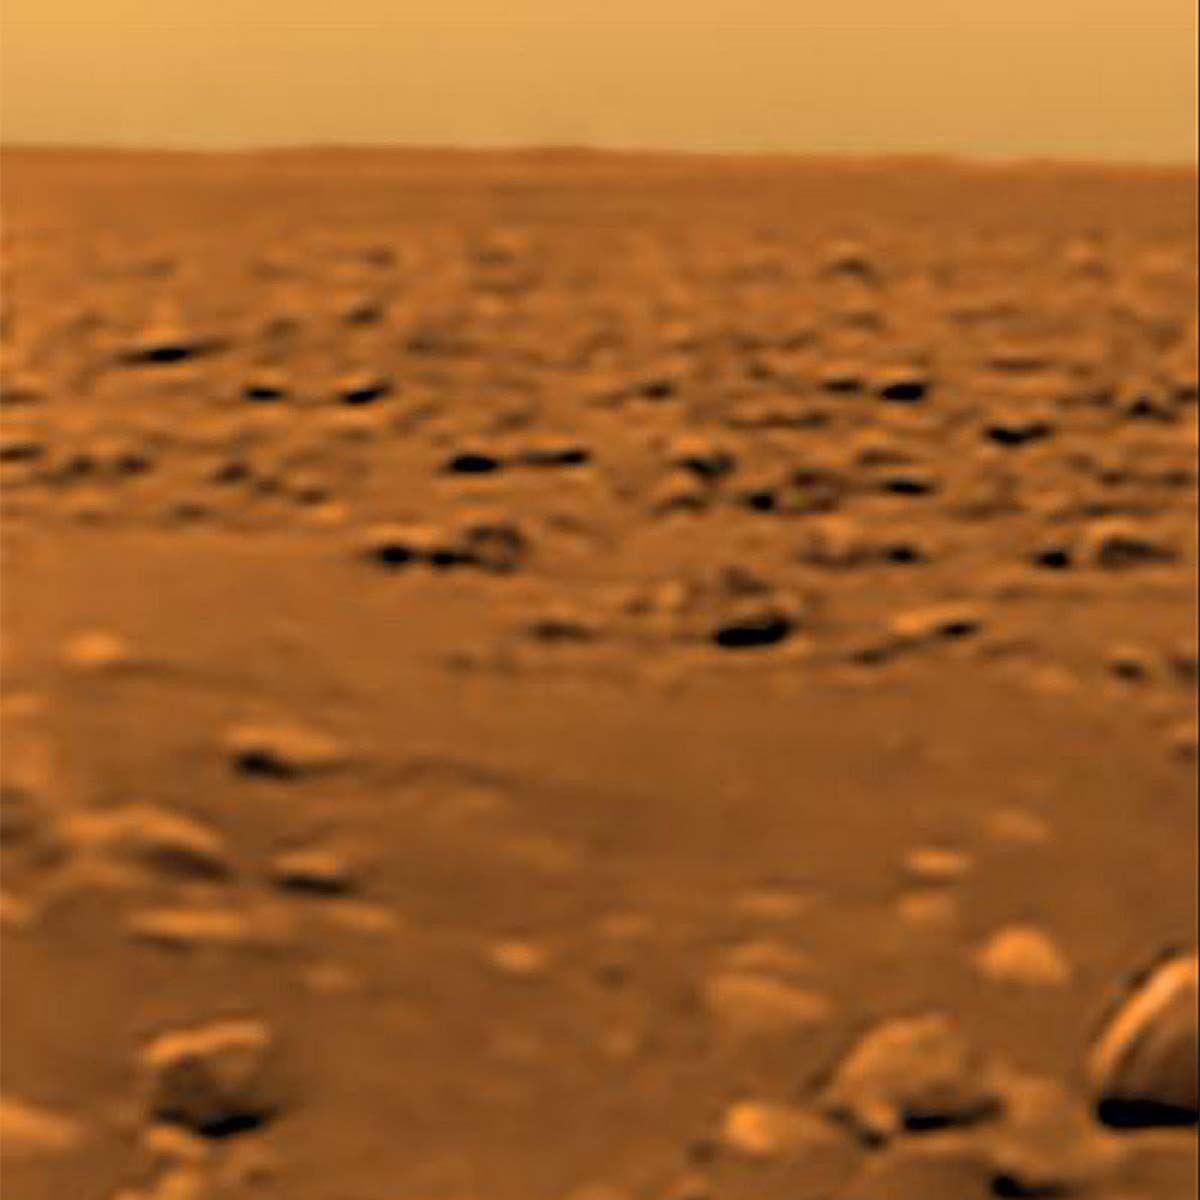 Próbnik Huygens sfotografował powierzchnię Tytana